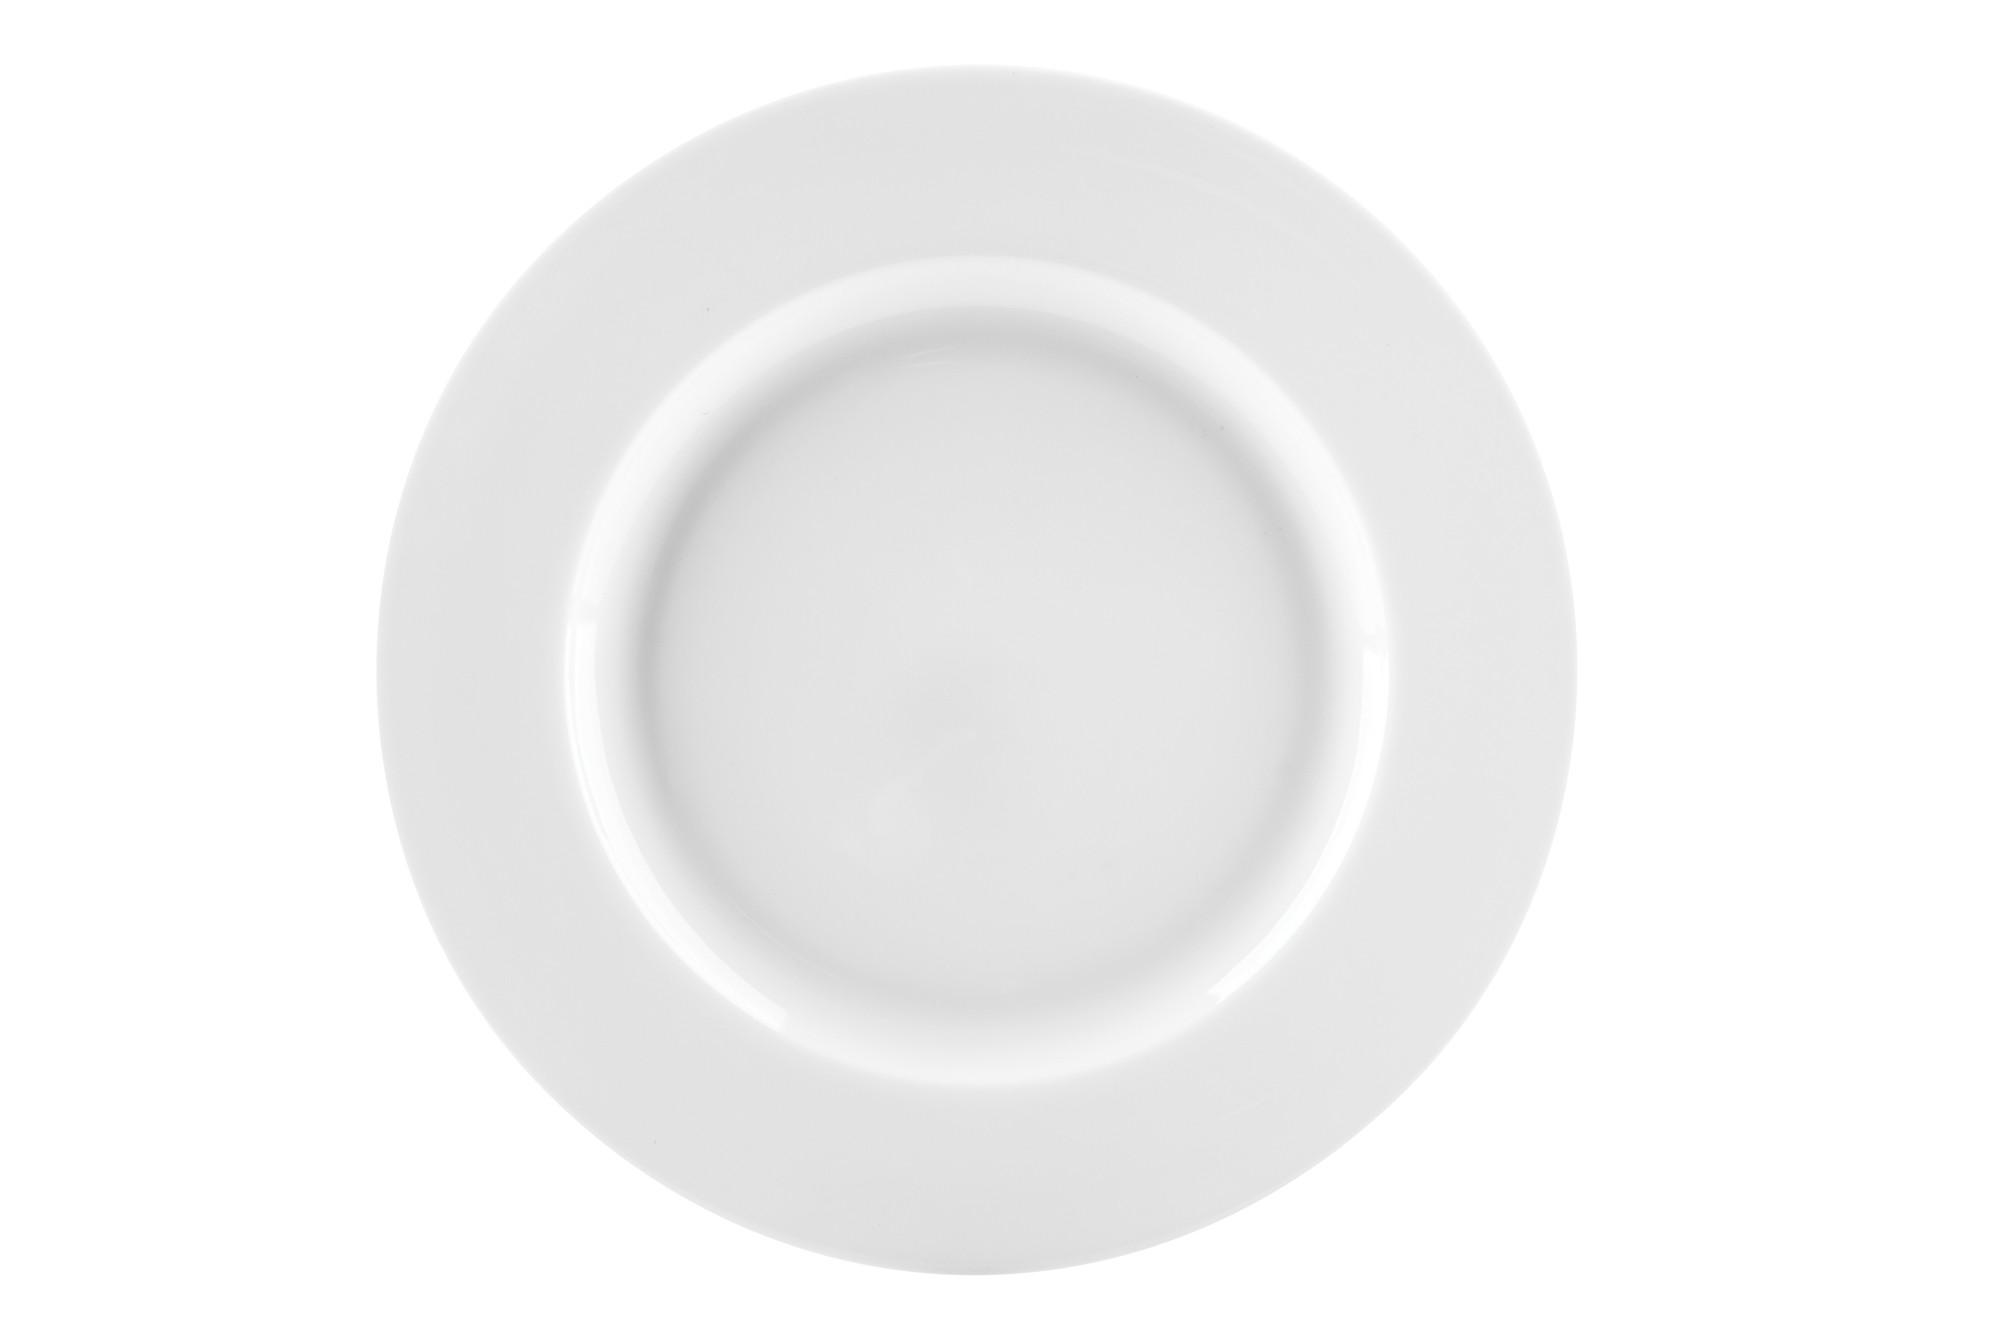 Πιάτο Ρηχό Σετ 6Τμχ Profile 27cm Ionia home   ειδη σερβιρισματος   πιάτα